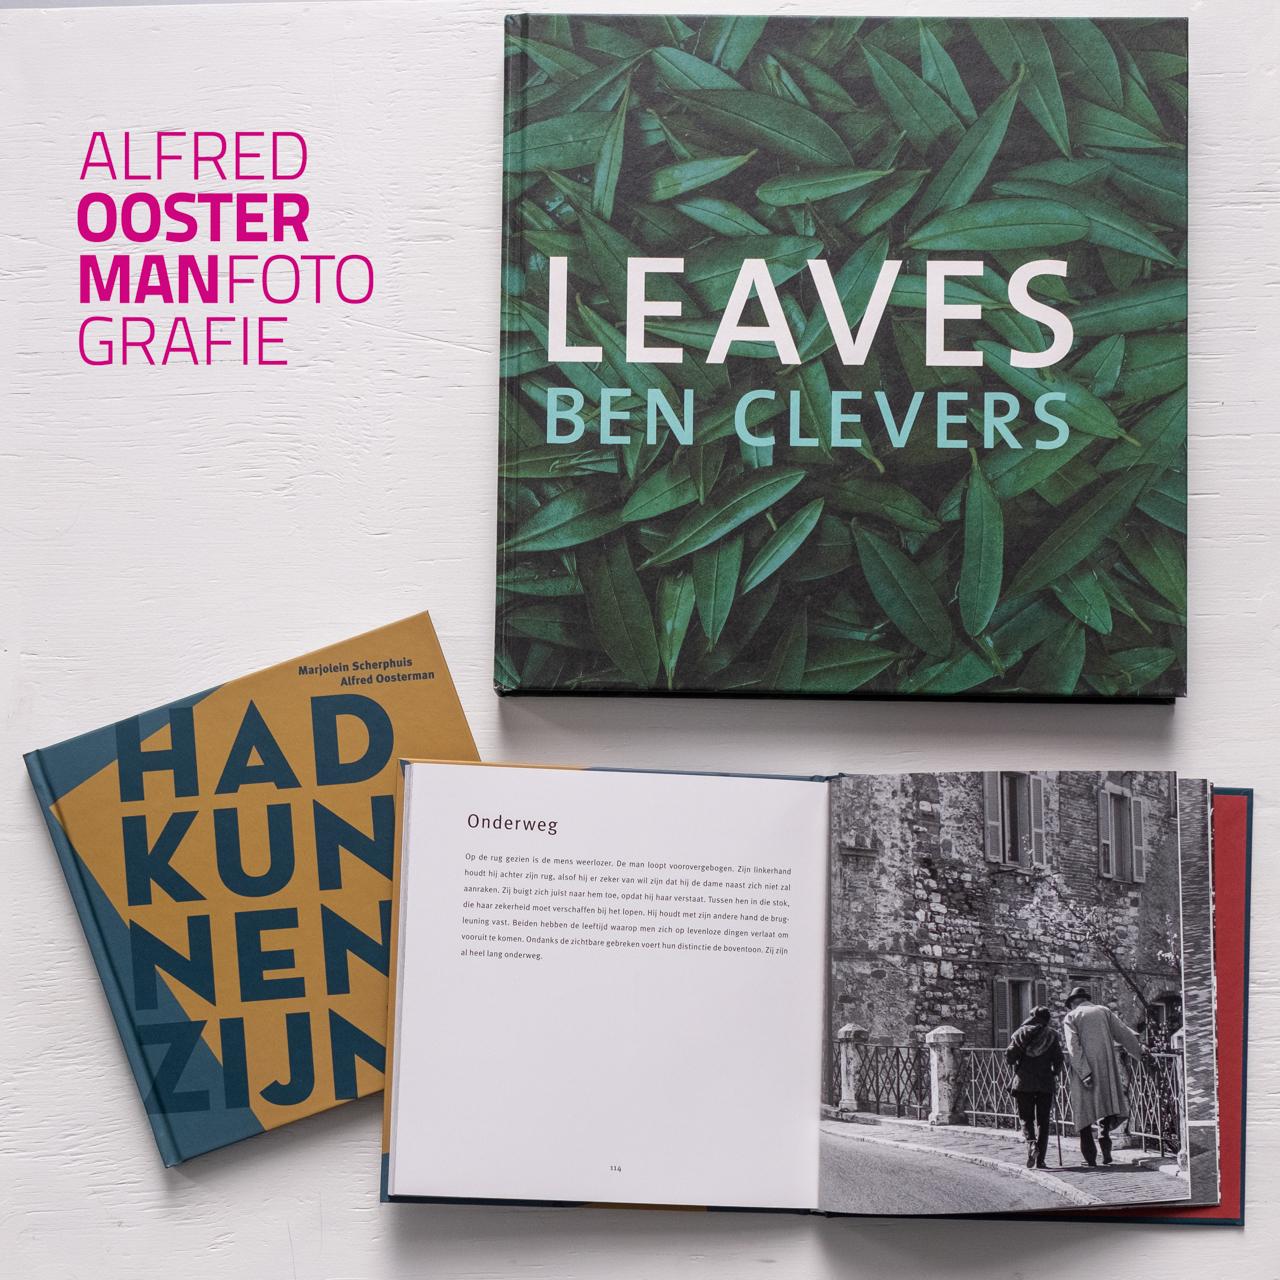 Een boek cadeau geven of krijgen blijft bijzonder. De boeken 'Had kunnen zijn' en 'Leaves' zijn te koop via de website van Alfred Oosterman fotografie: https://www.alfredoosterman.nl/toon/boeken/